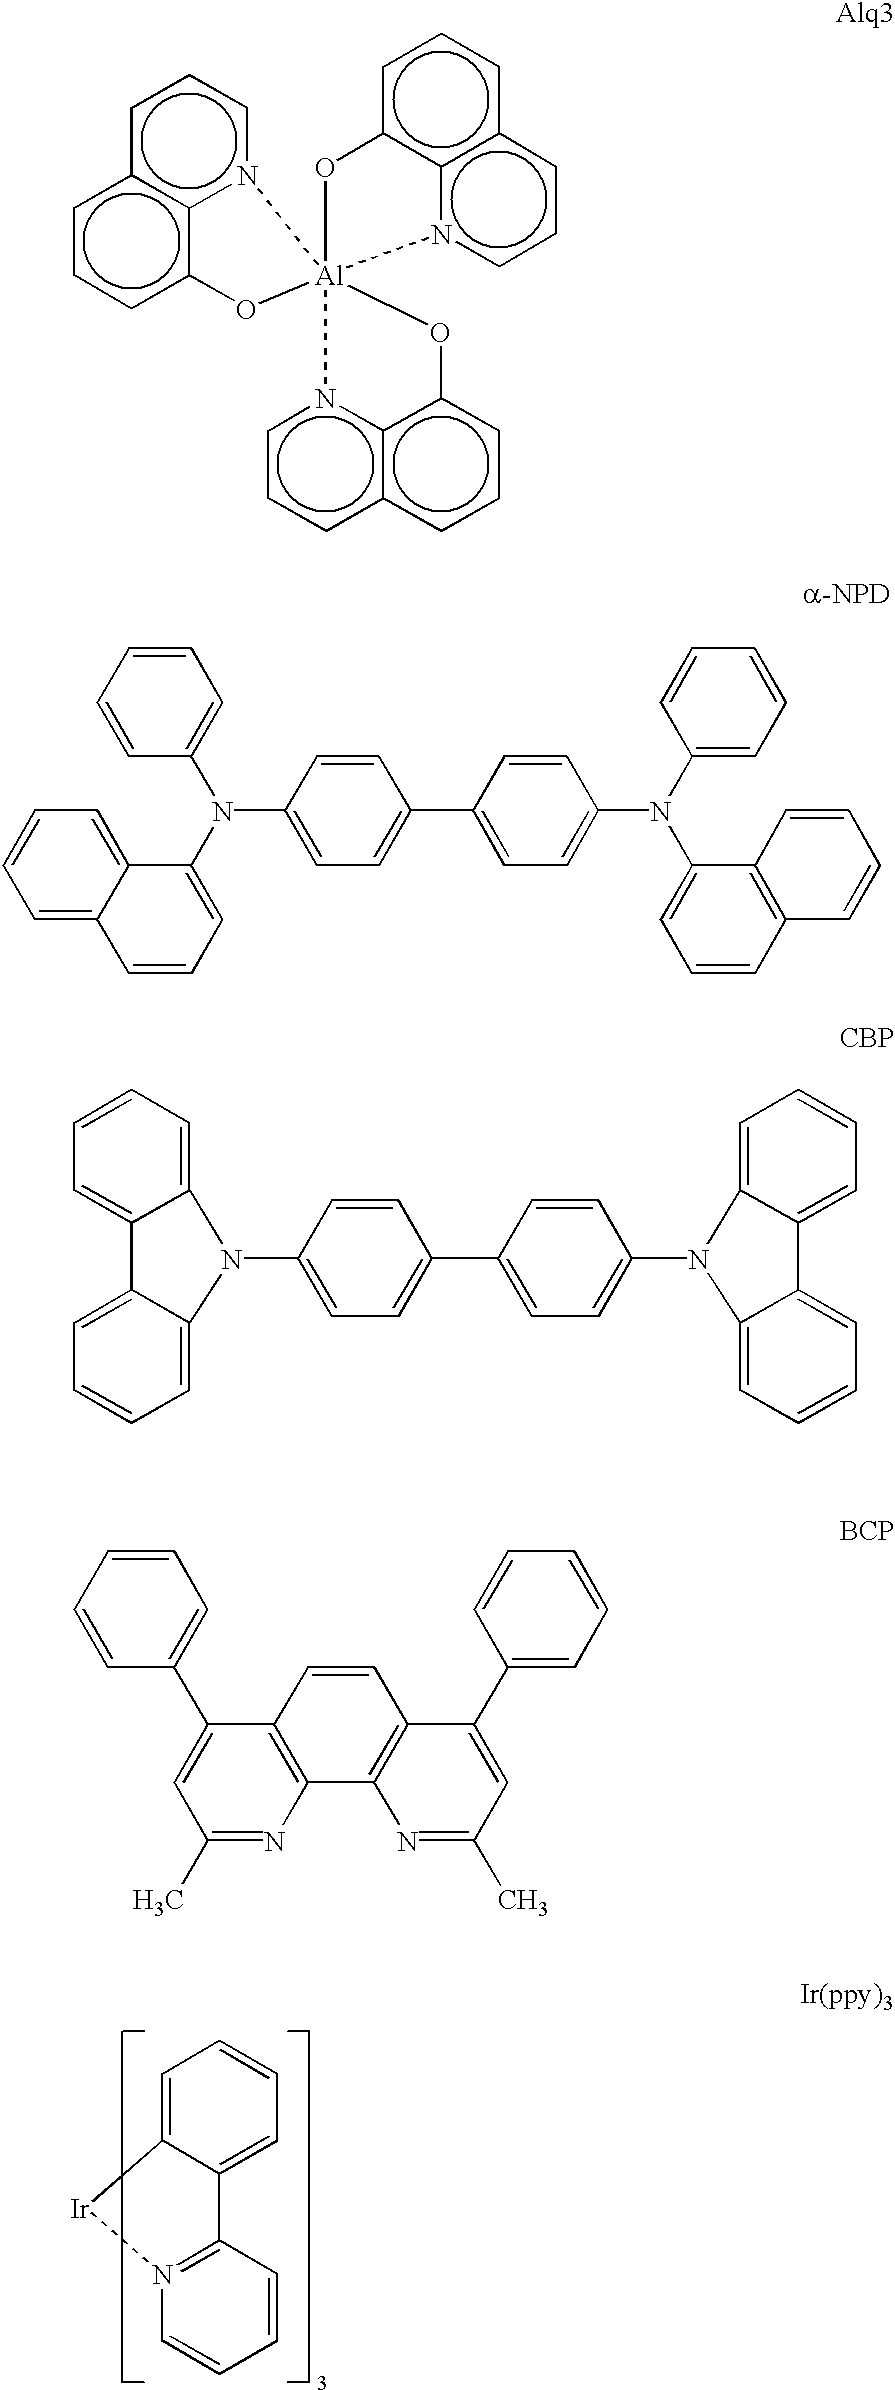 Figure US20030152802A1-20030814-C00002